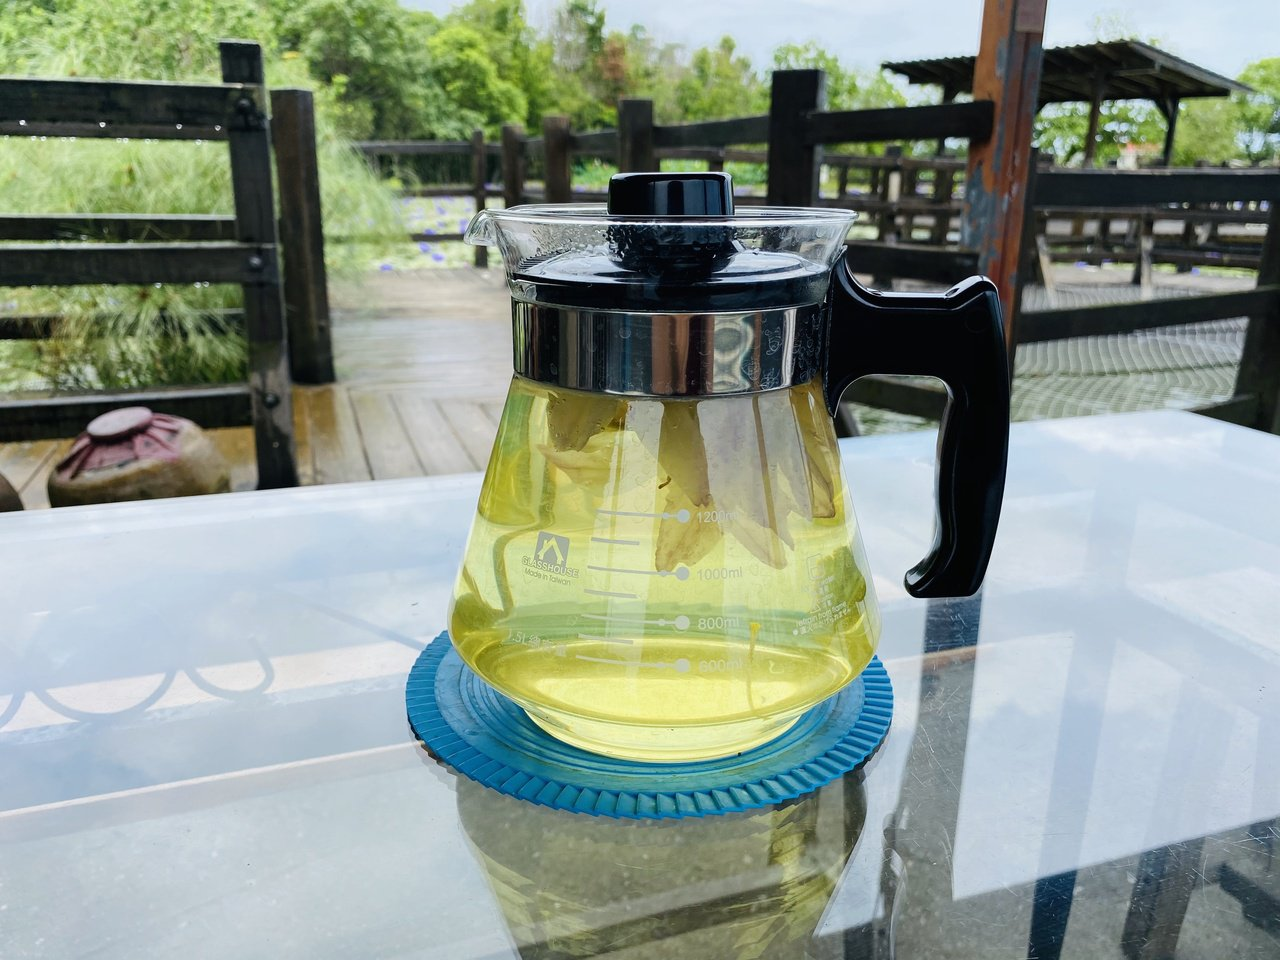 蓮成蓮花園老闆免費提供蓮花茶,讓人享受愜意時光。 圖/王思慧 攝影